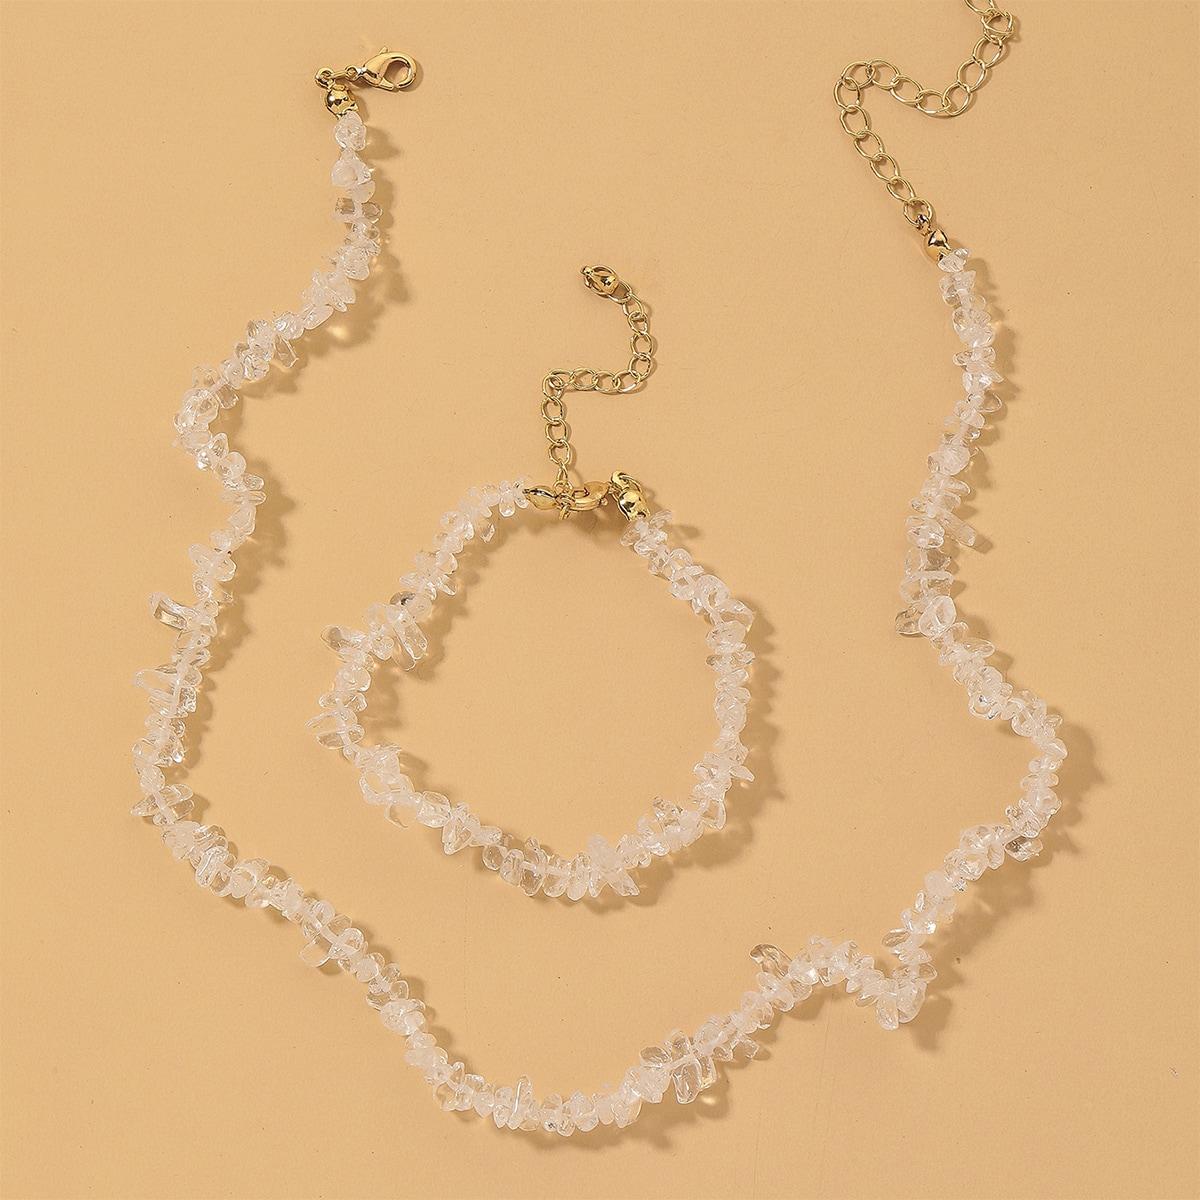 Halskette & Armband mit Stein Dekor